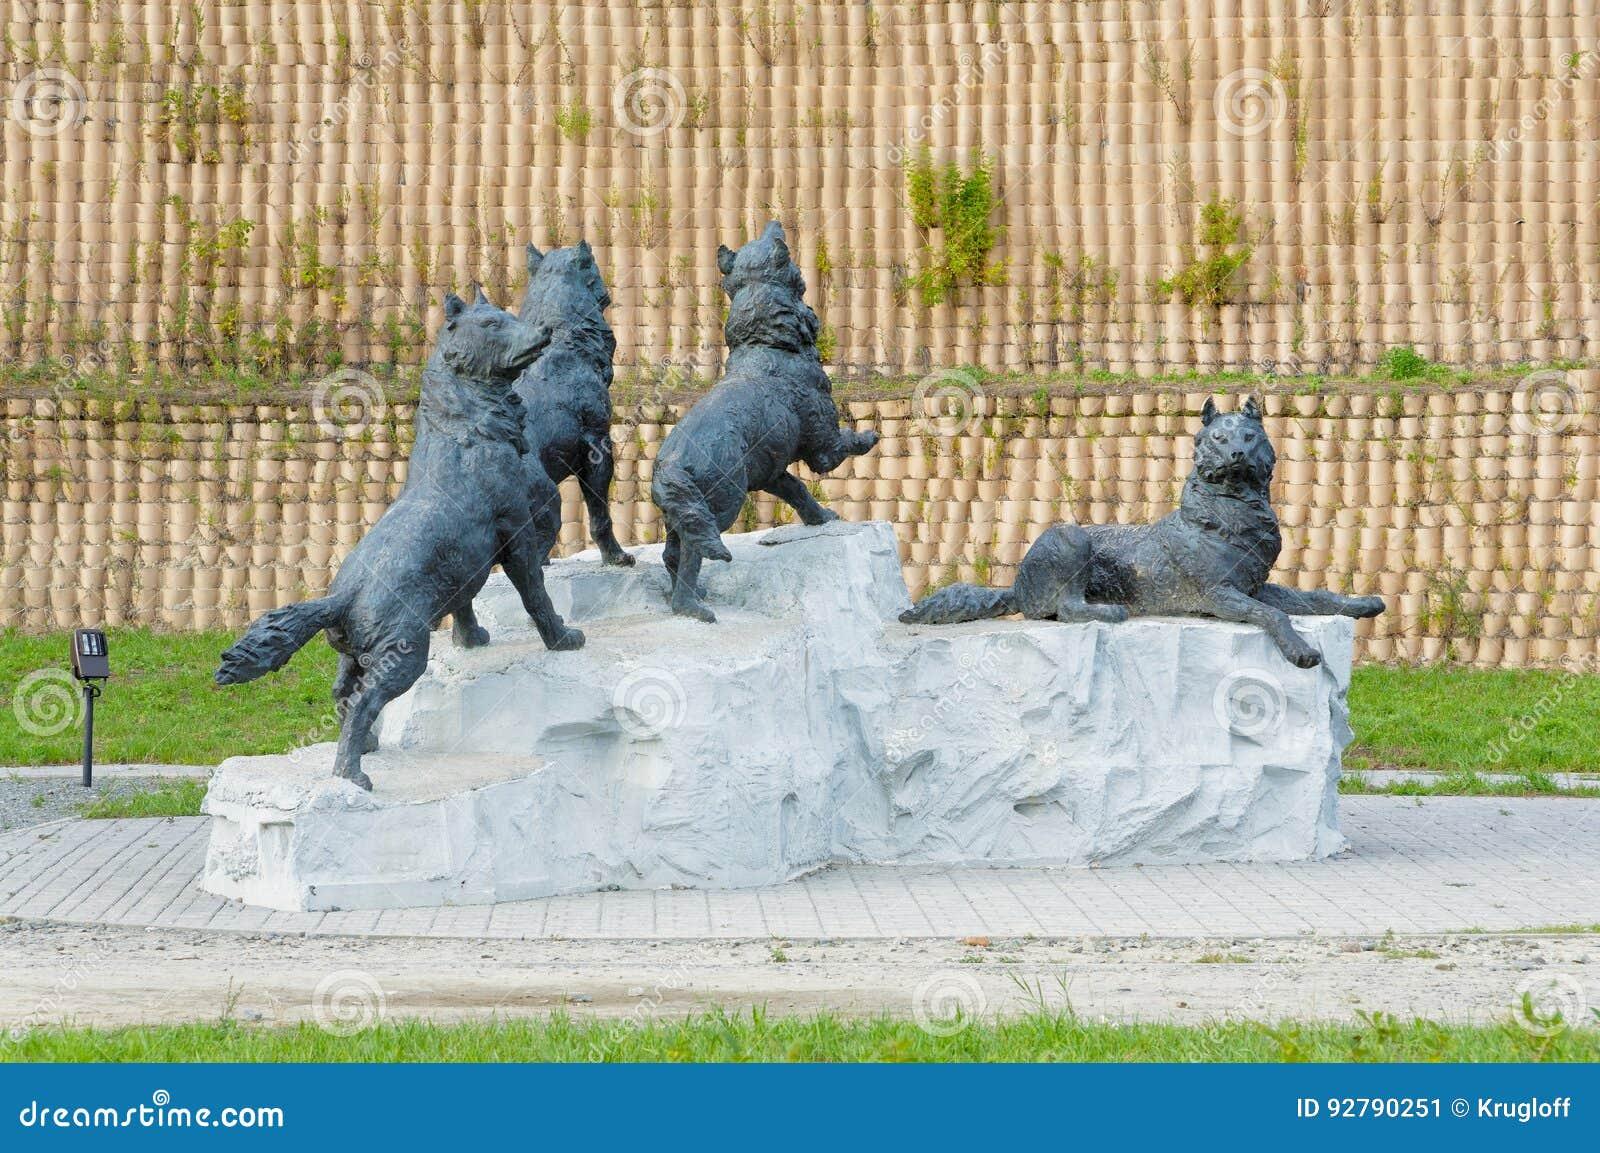 Wolfsrudel Aufbau